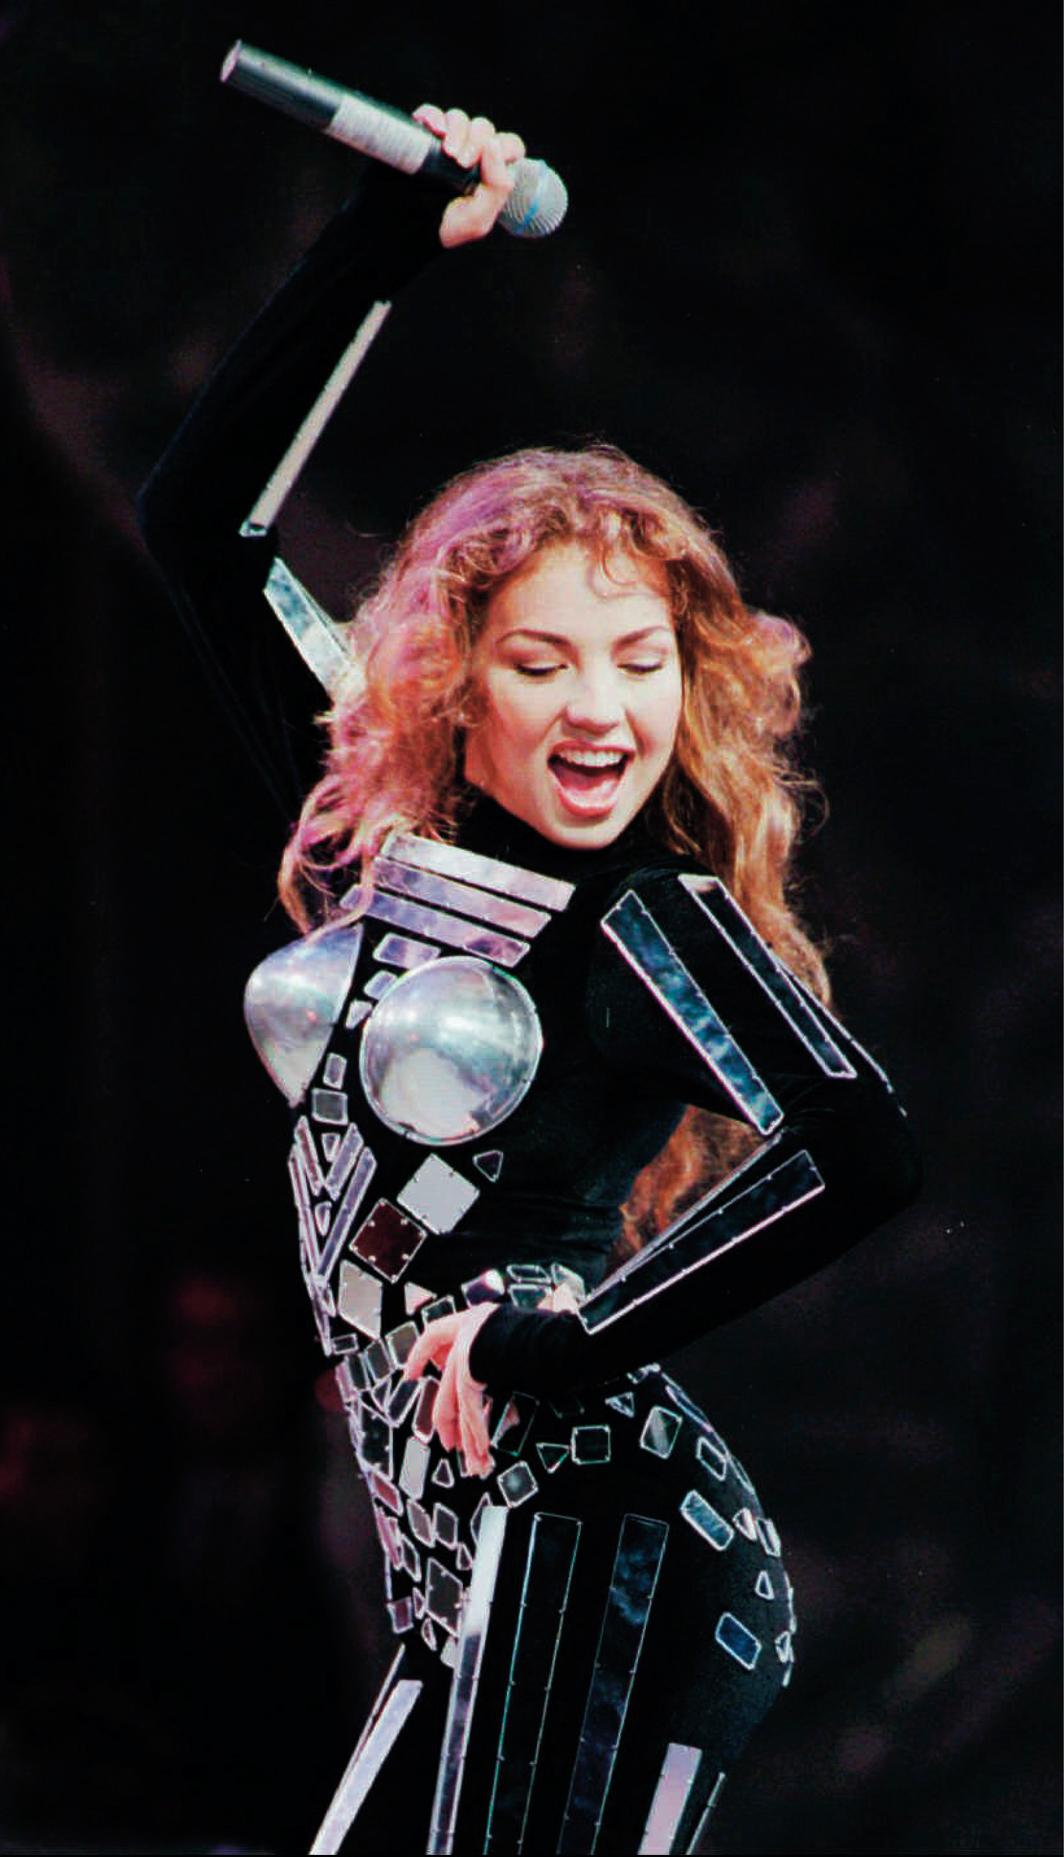 *Thalía performing at Araneta Coliseum, Quezon City, Philippines, August 21, 1996.Photo: Pat Roque/AP/Shutterstock. Pat Roque/AP/Shutterstock.